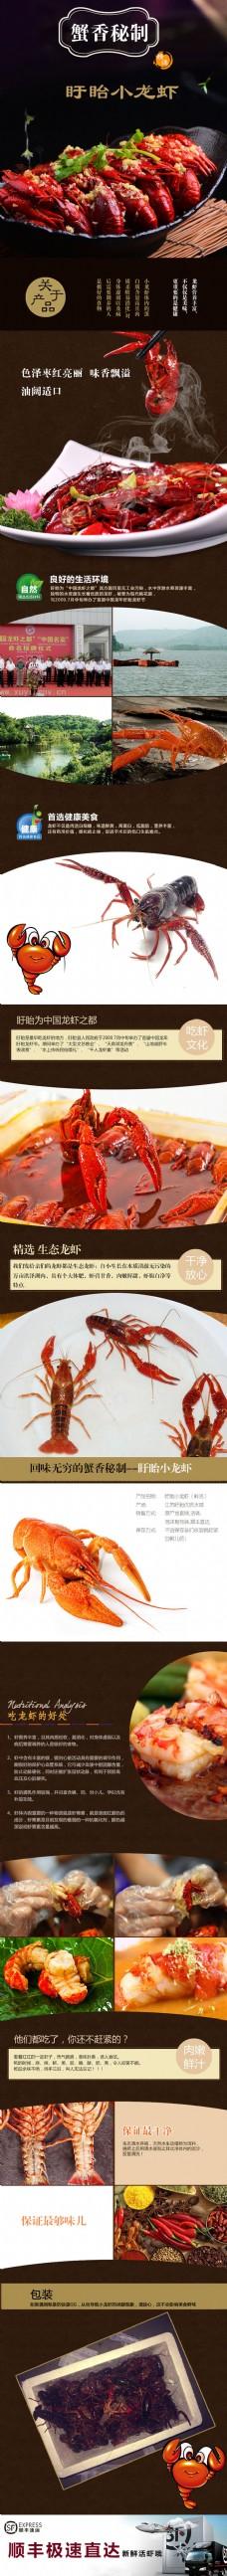 淘宝龙虾详情页设计模板PSD素材